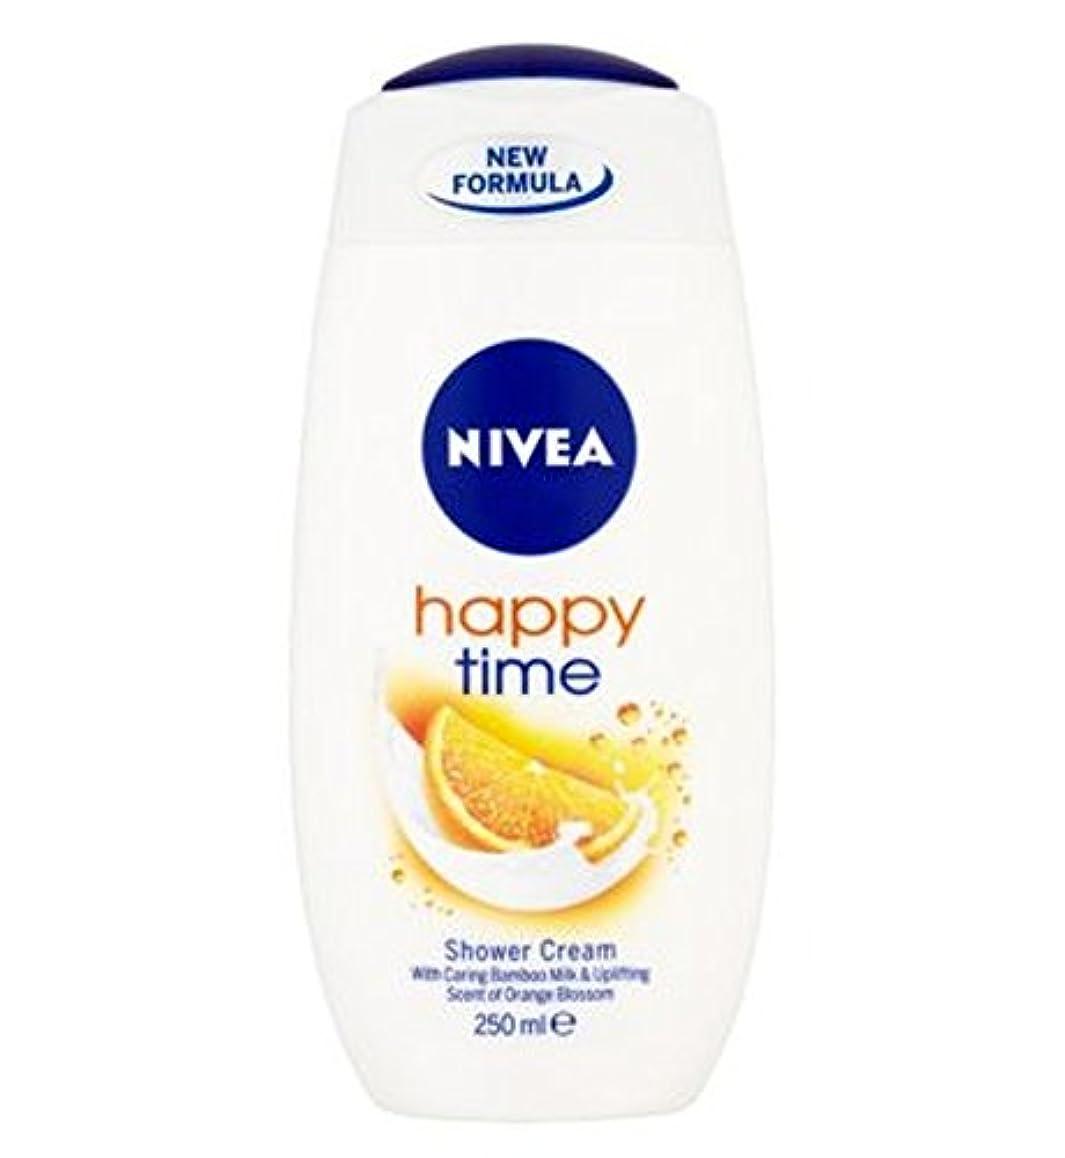 ジャーナル隔離するメジャーニベア幸せな時間シャワークリーム250ミリリットル (Nivea) (x2) - NIVEA Happy Time Shower Cream 250ml (Pack of 2) [並行輸入品]